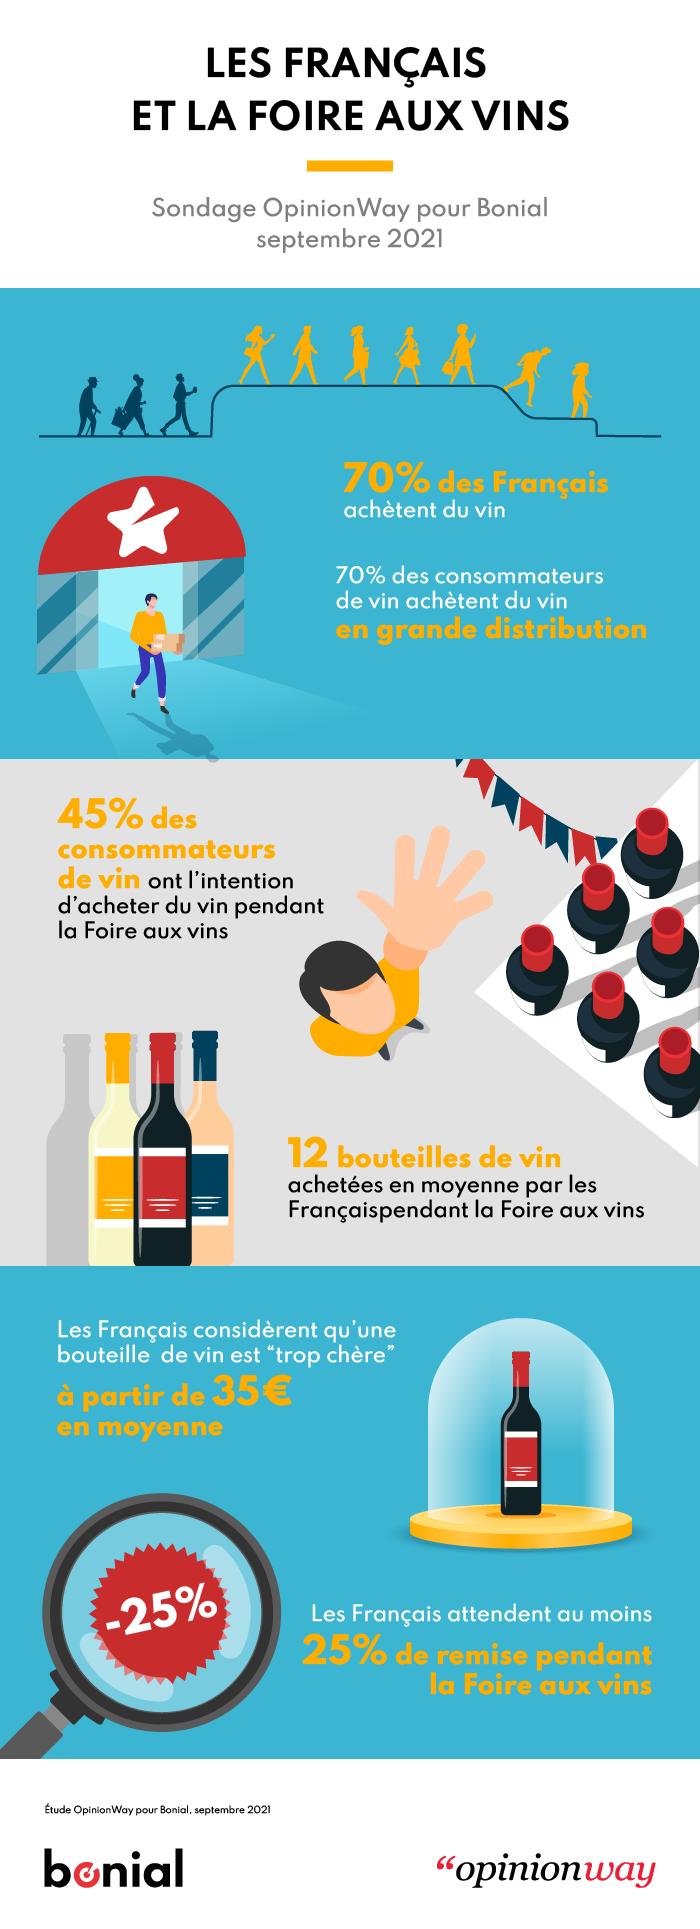 Les Français et la foire aux vins